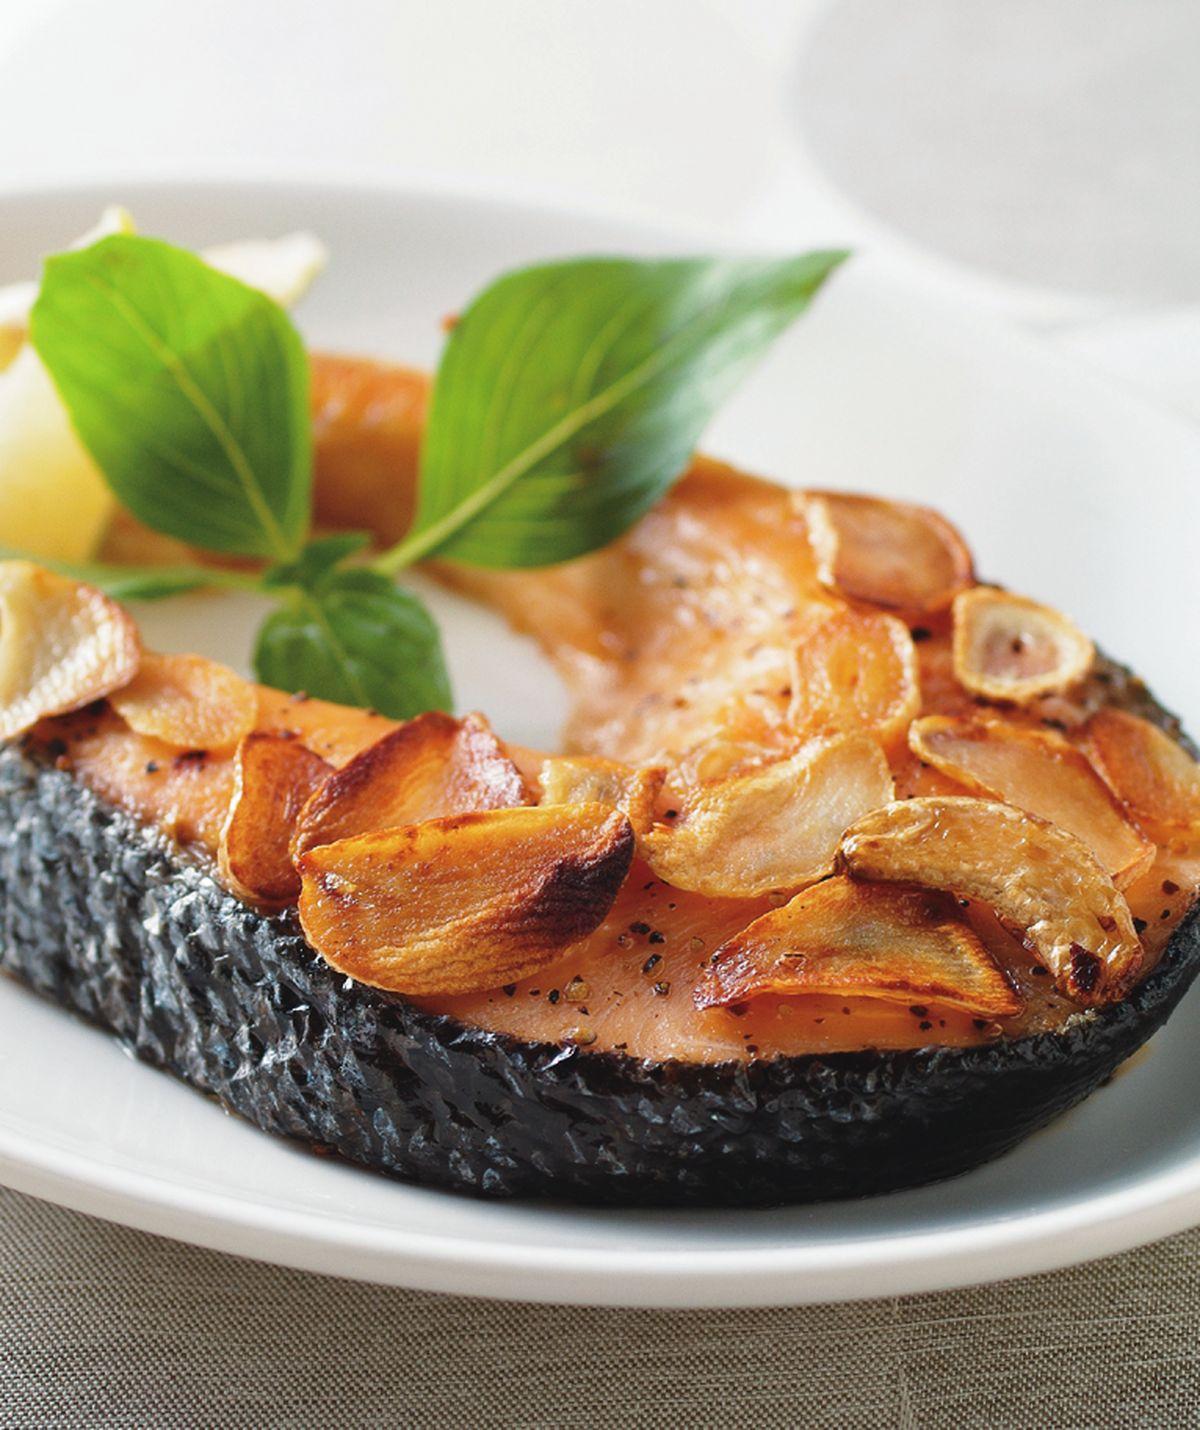 食譜:蒜片烤鮭魚